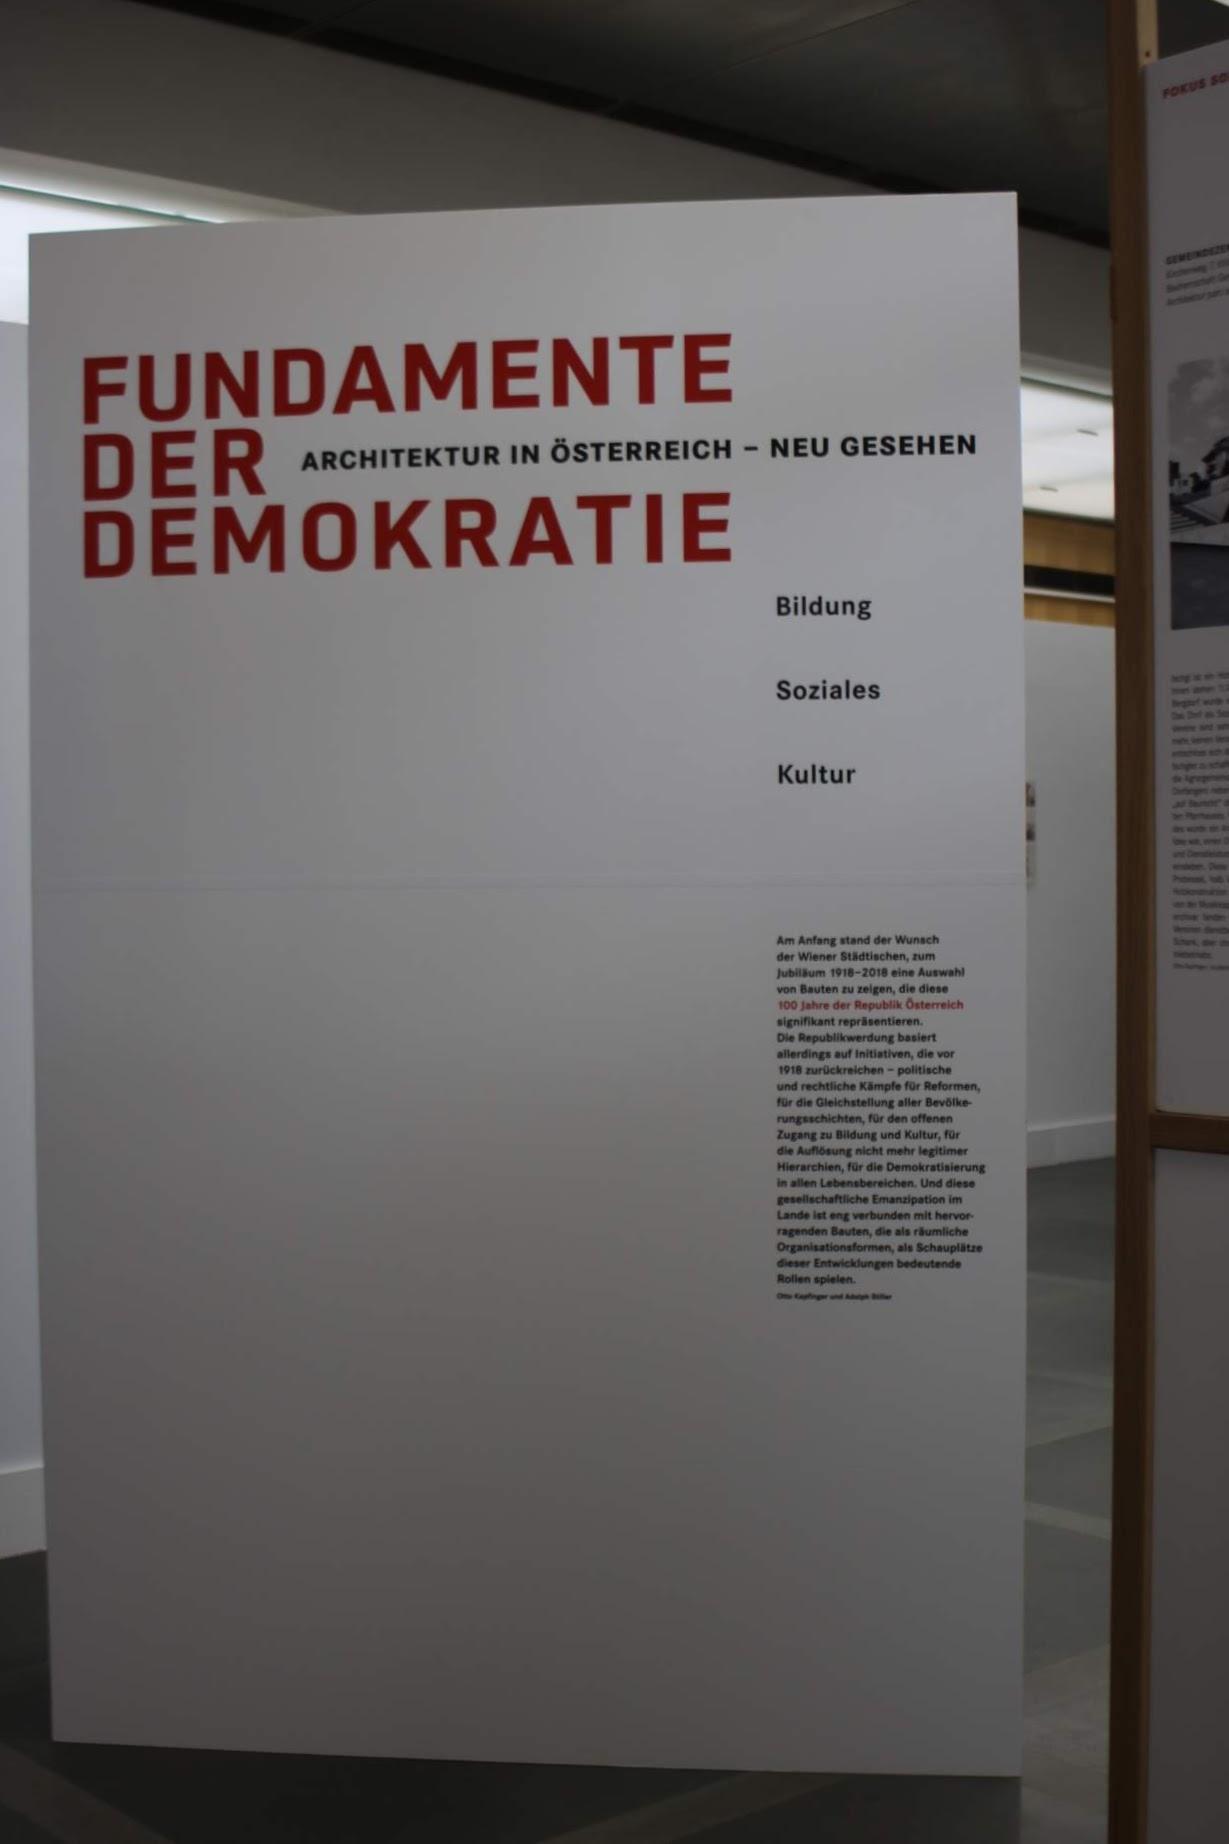 Eine spannende Ausstellung im Wiener Ringturm: Fundamente der Demokratie